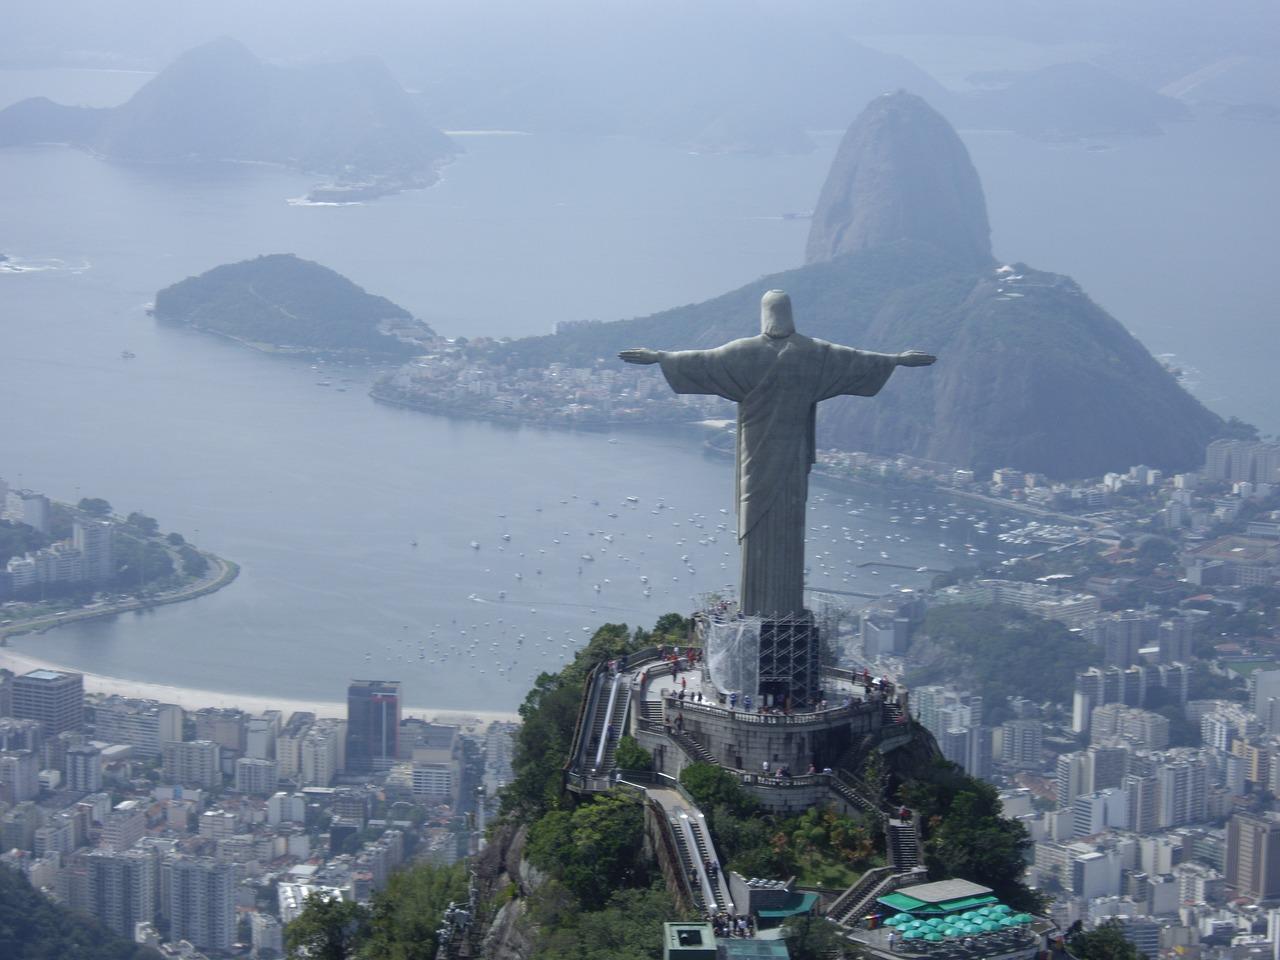 Tras adquirir BitcoinTrade, el intercambio de criptomonedas Ripio buscará posicionarse dentro del mercado en Brasil